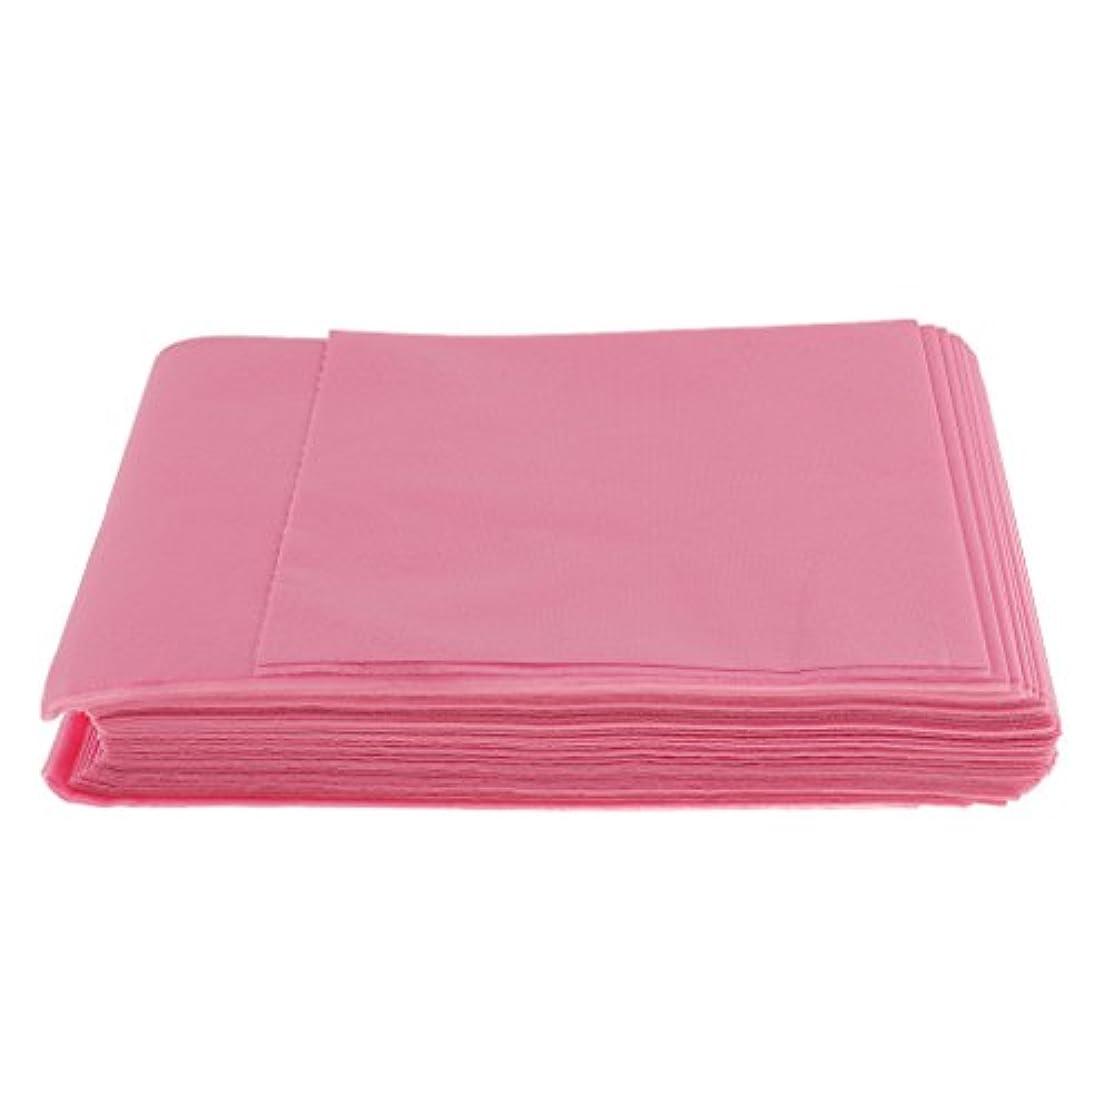 アリ気まぐれなトラック10枚入り 使い捨て 美容室/マッサージ/サロン/ホテル ベッドパッド 無織PP 衛生シート 全3色選べ - ピンク